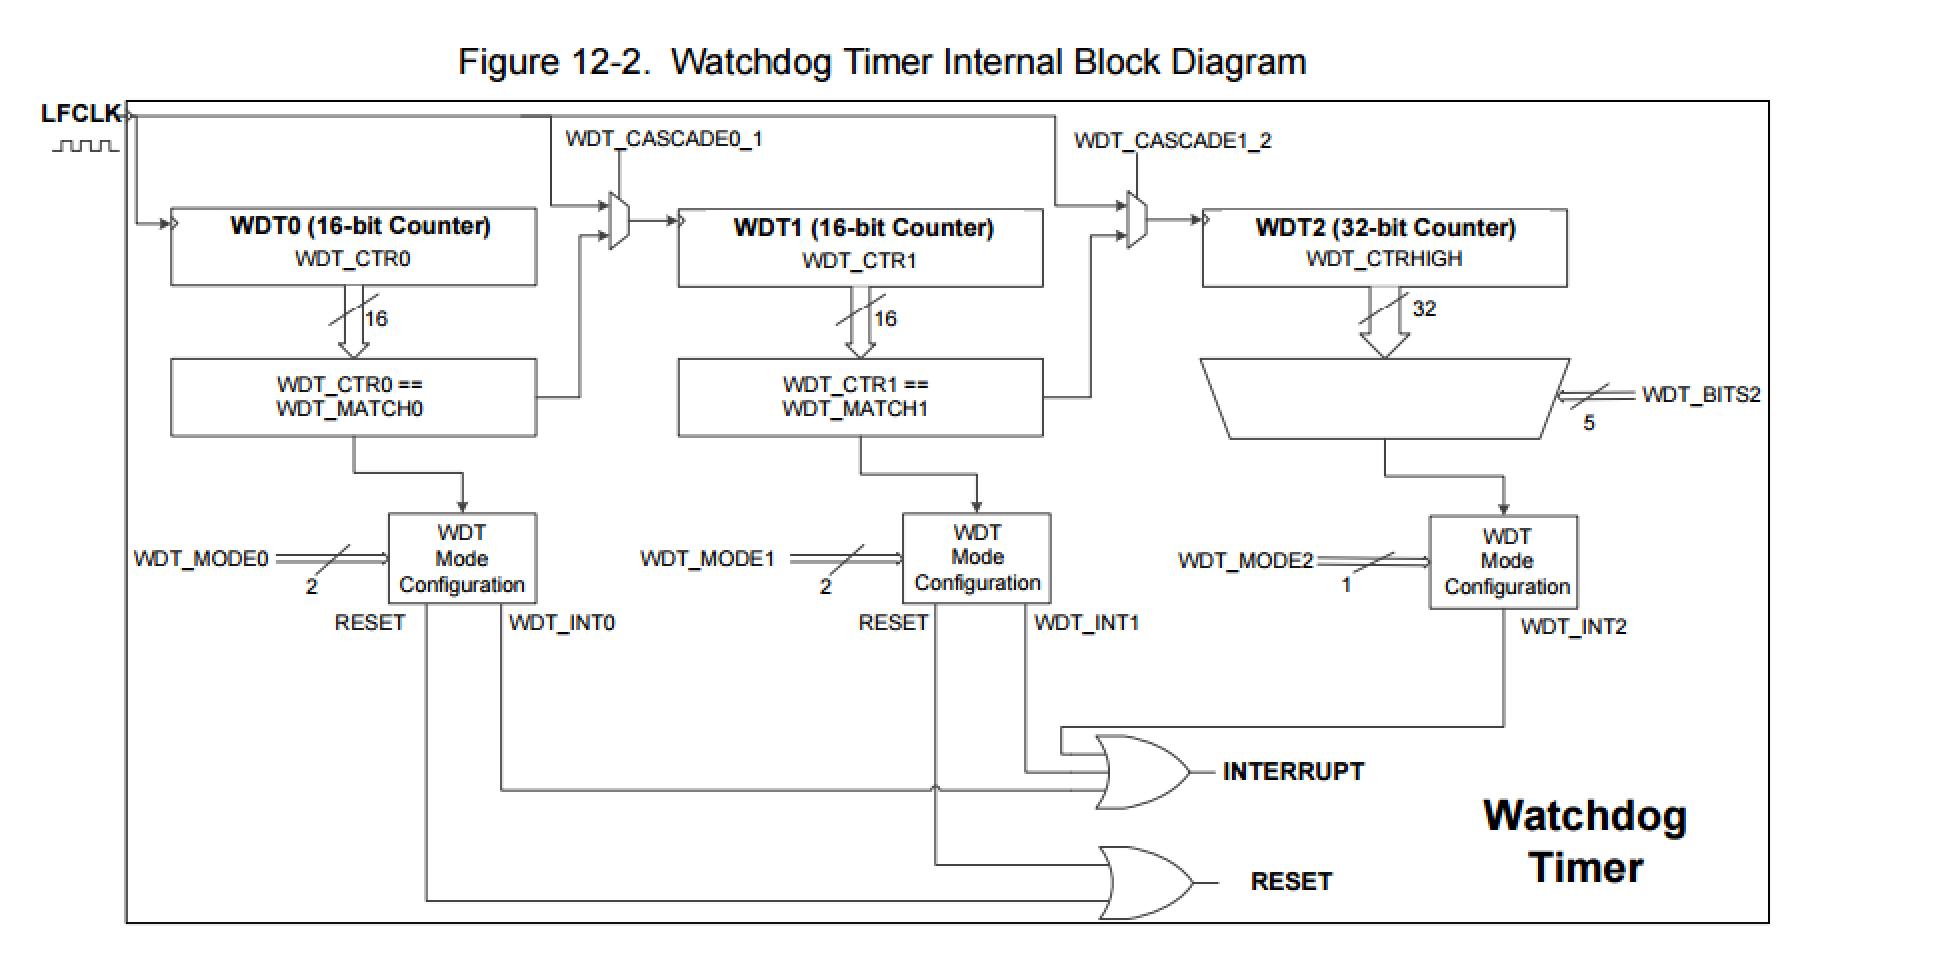 PSoC4 Clock - WDT Block Diagram